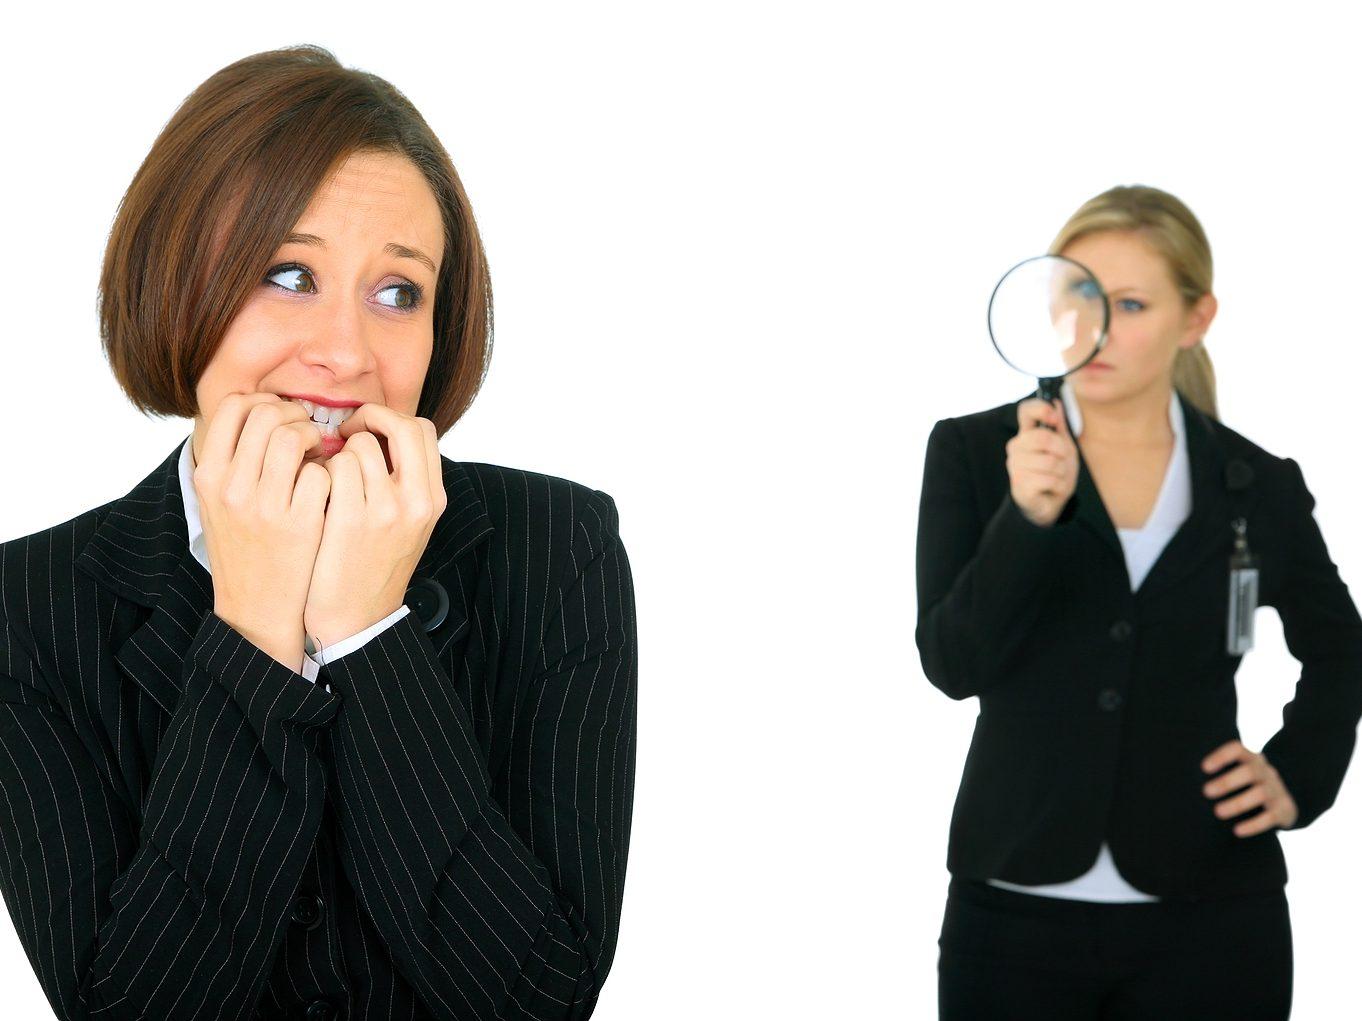 11 روش کاربردی دوری از اهمیت دادن به نظرات دیگران، اهمیت دادن به نظرات دیگران